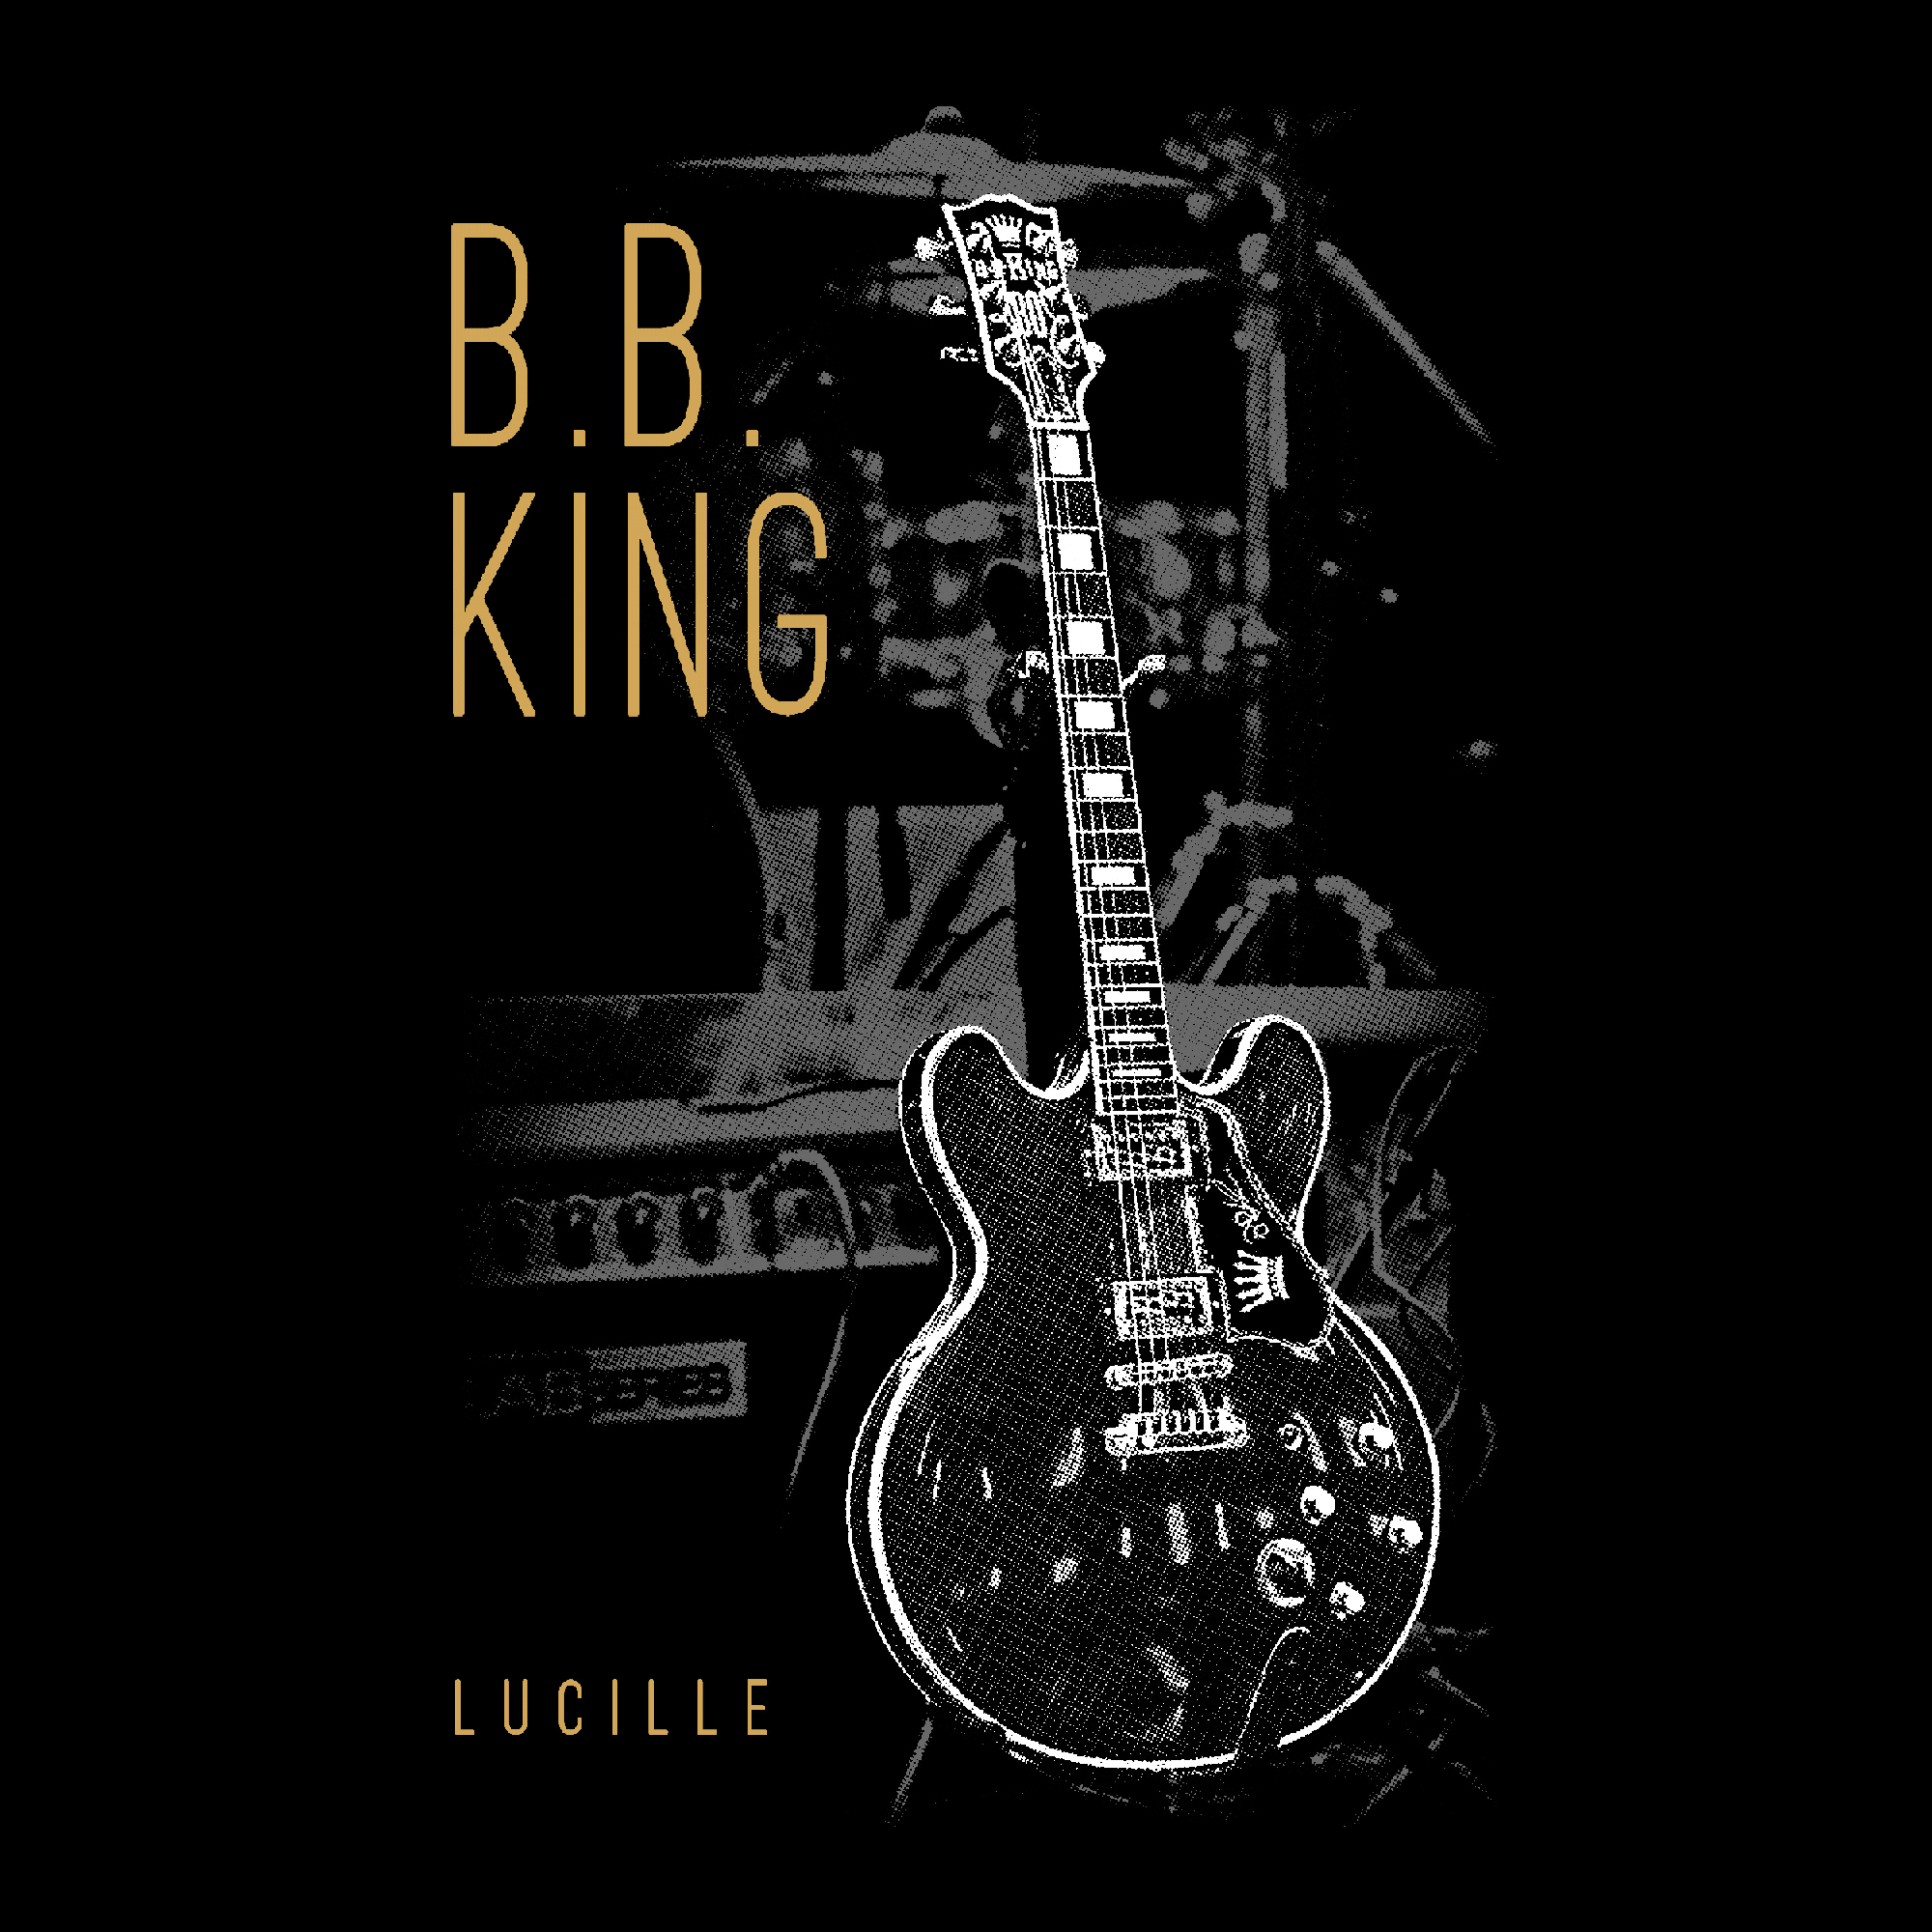 Quadro A4 - B.B. King